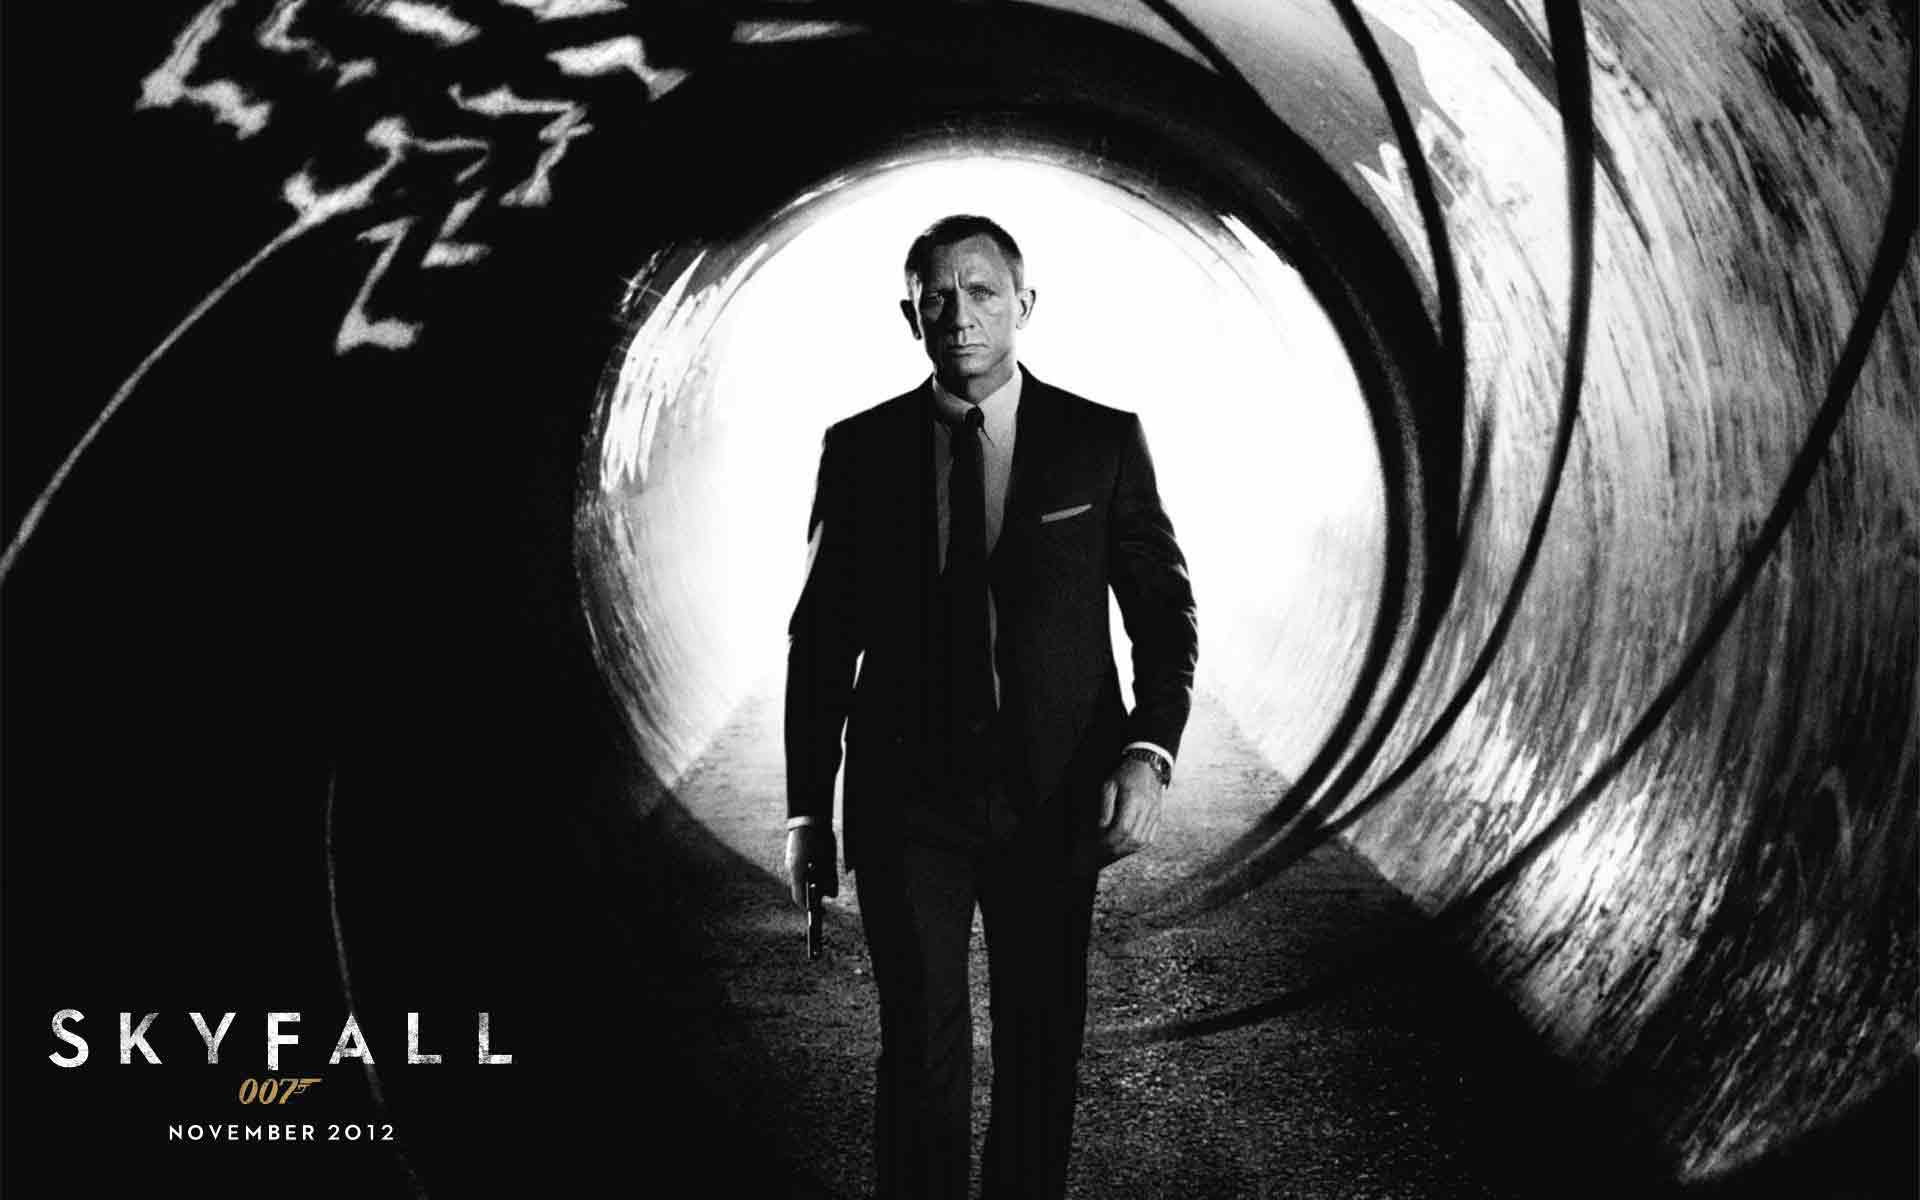 James Bond chết trong tập phim thứ 23? - 1